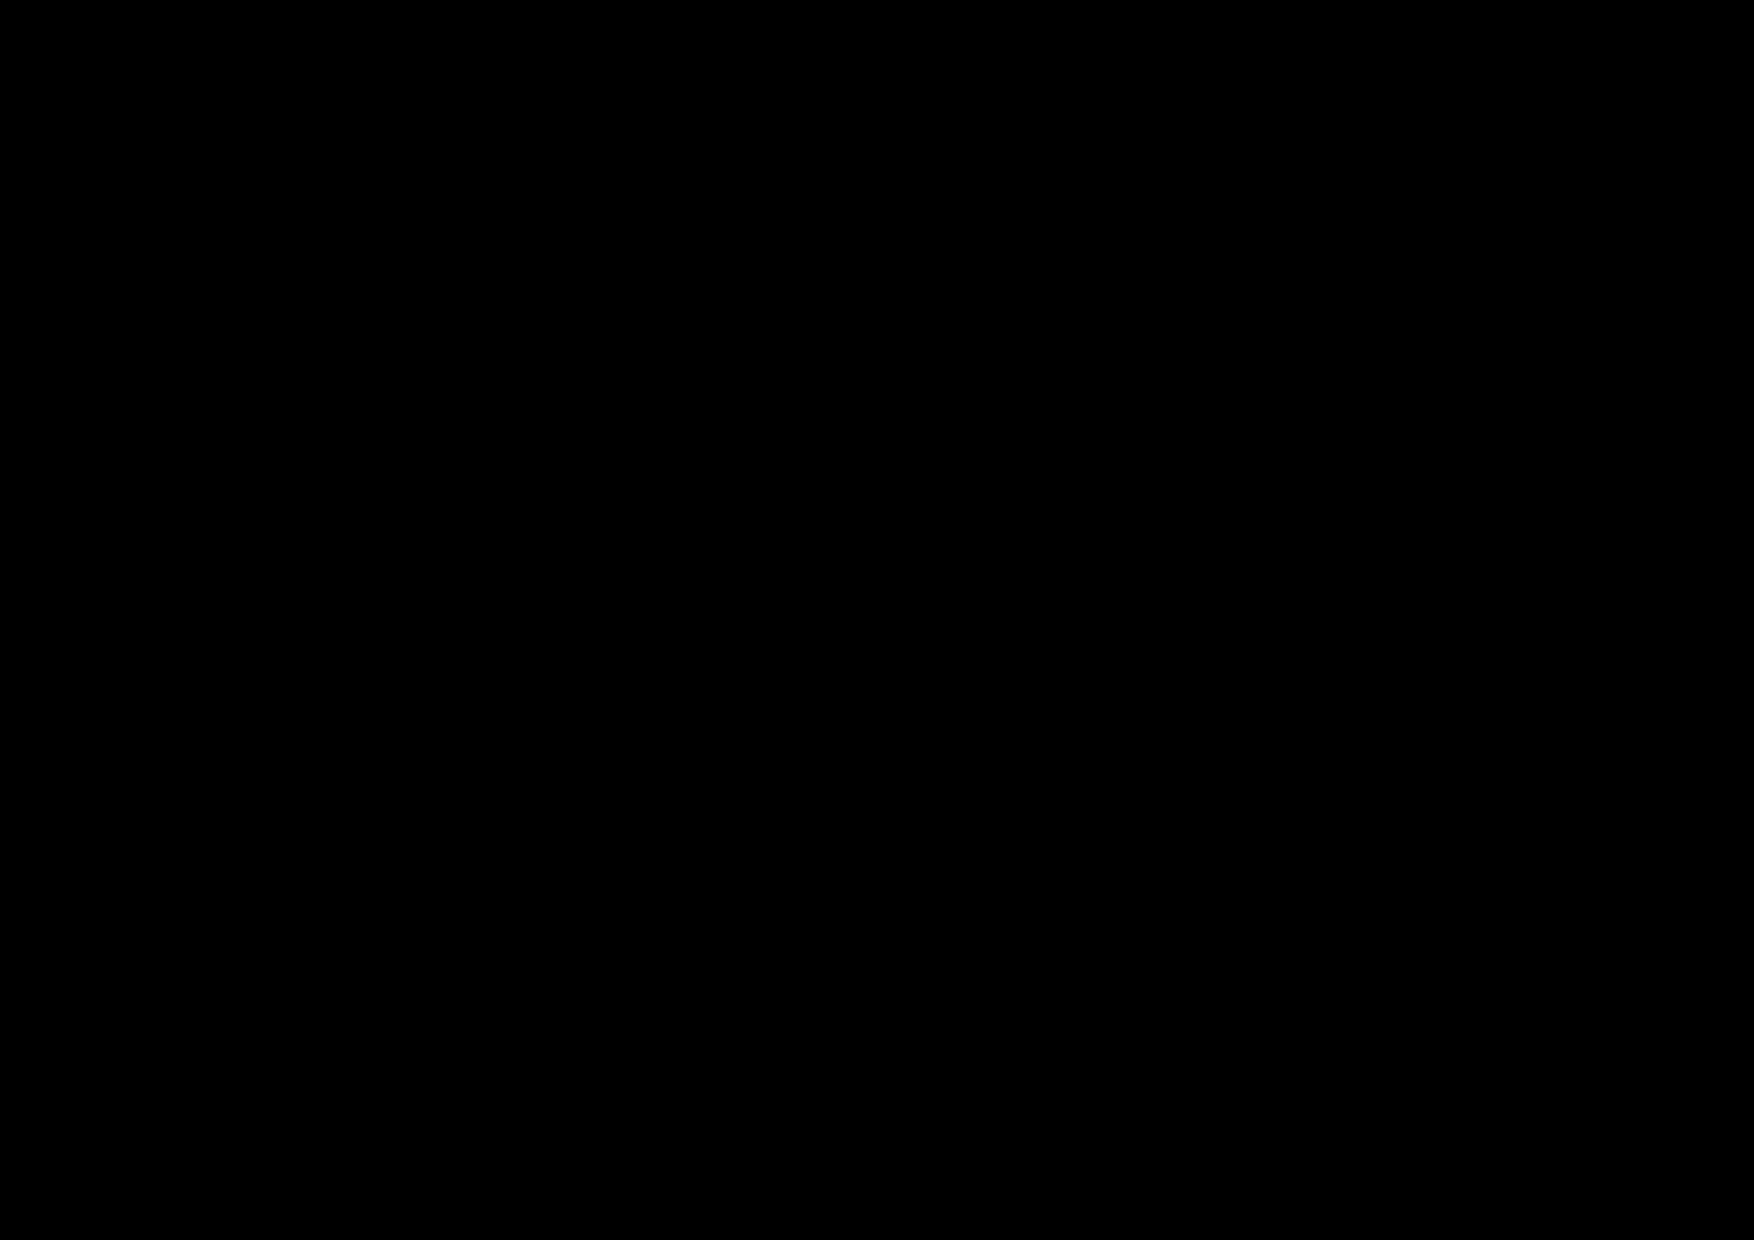 Vetrarsmiðjur 10-12 ára